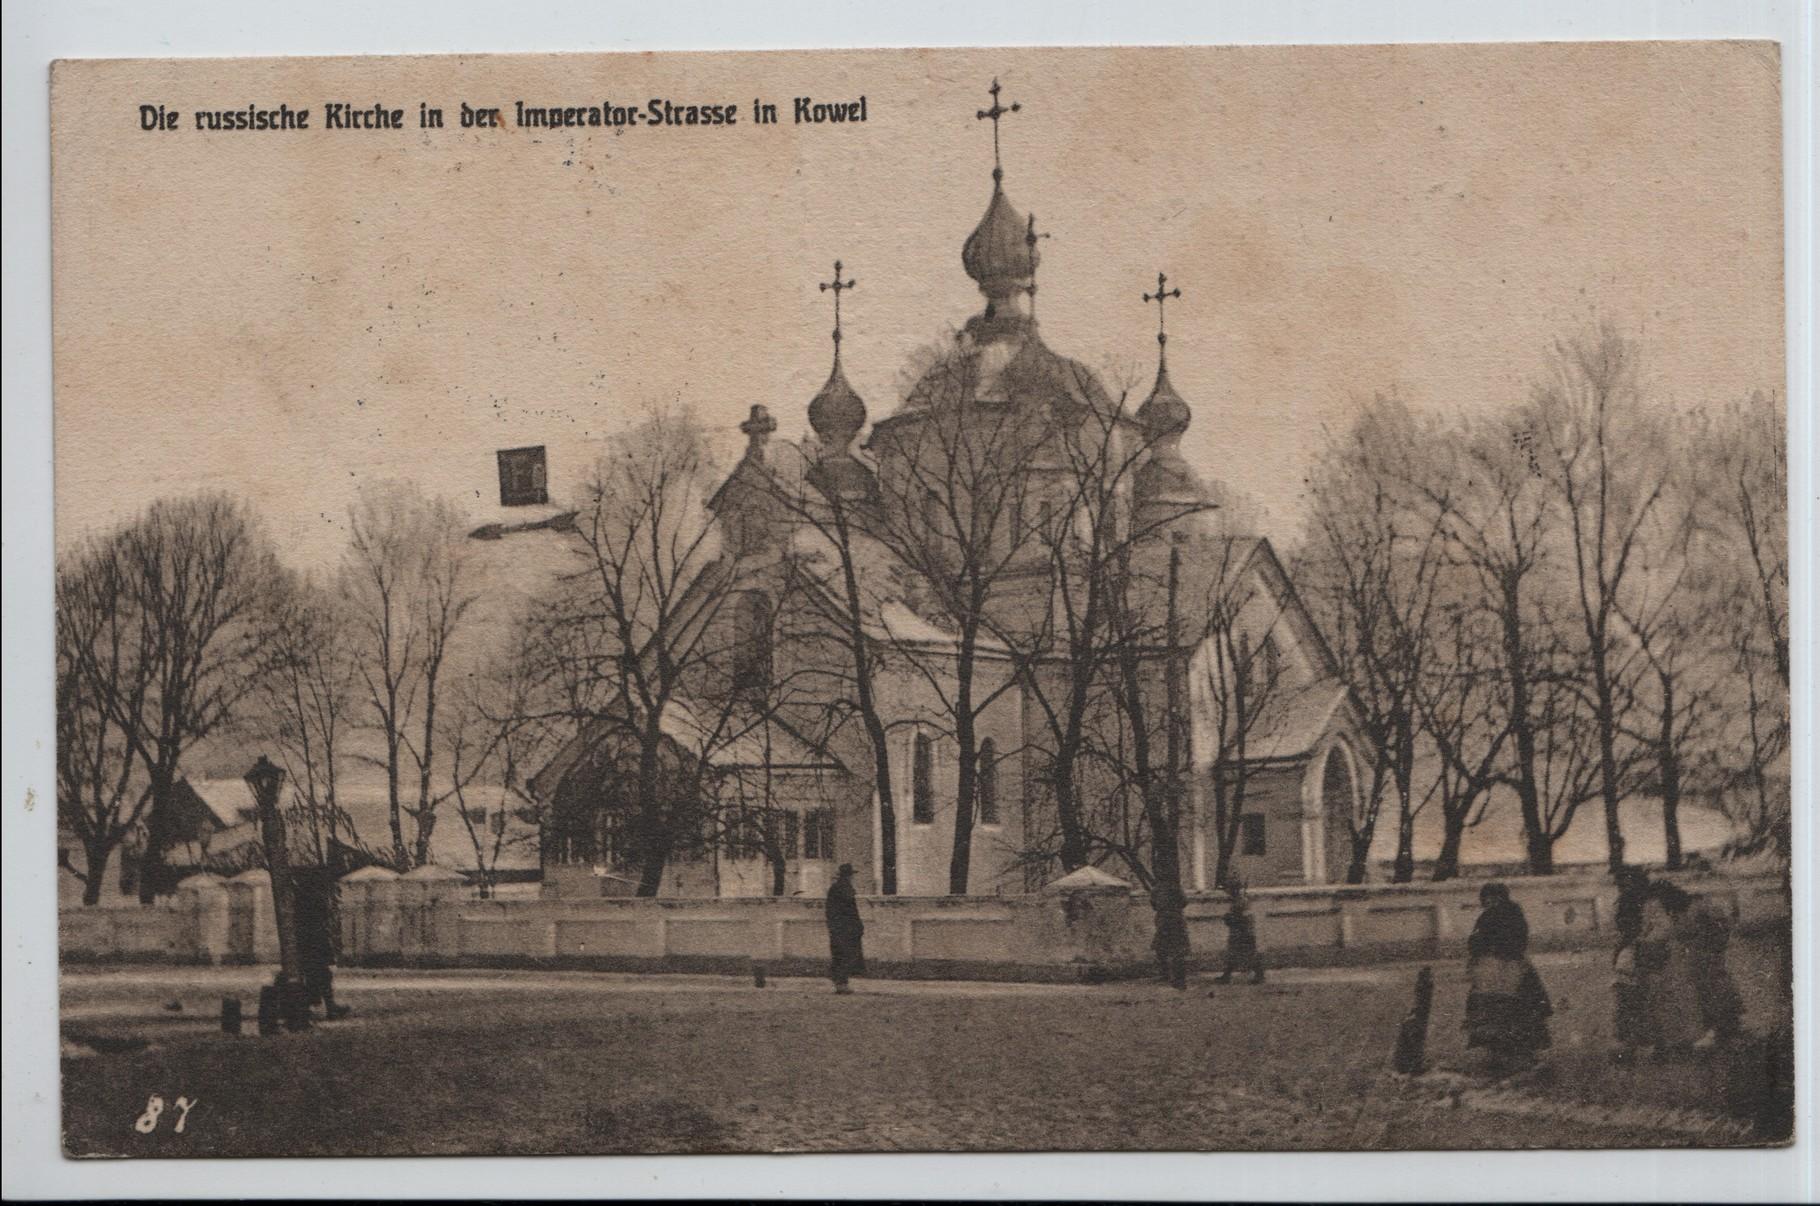 13. The russian church in Emperor street in Kowel (Ukraine)